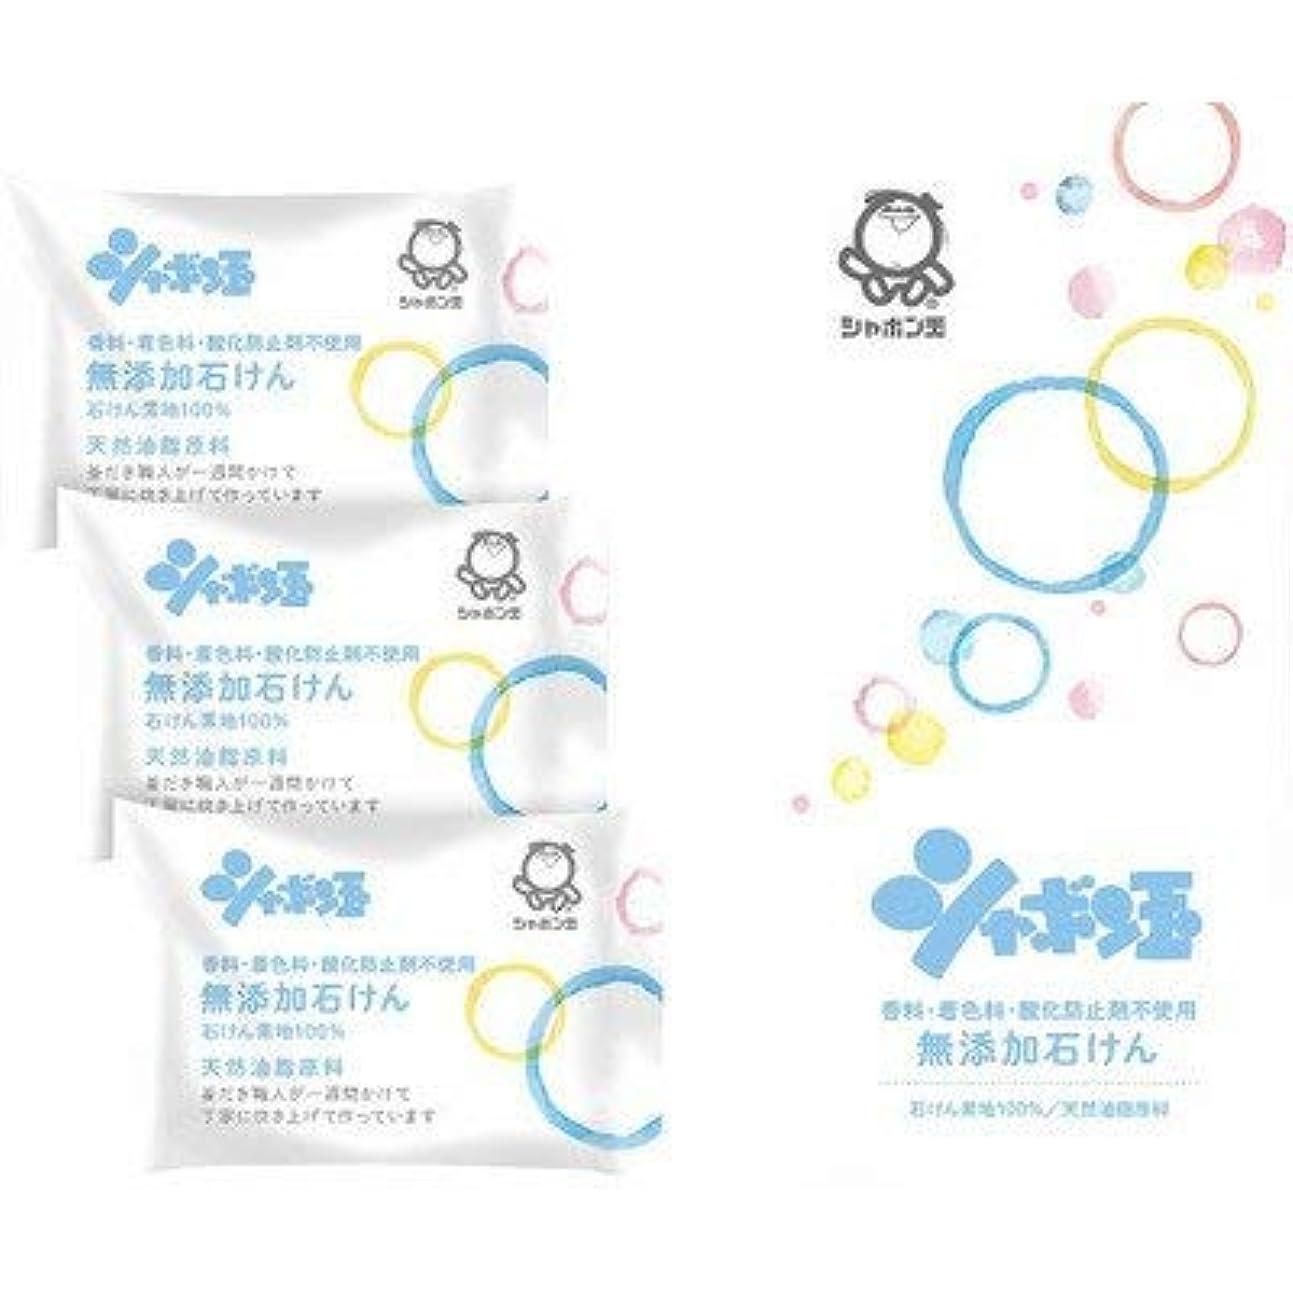 報奨金件名無心【ギフトセット】 シャボン玉無添加石鹸ギフトセット SMG-5B